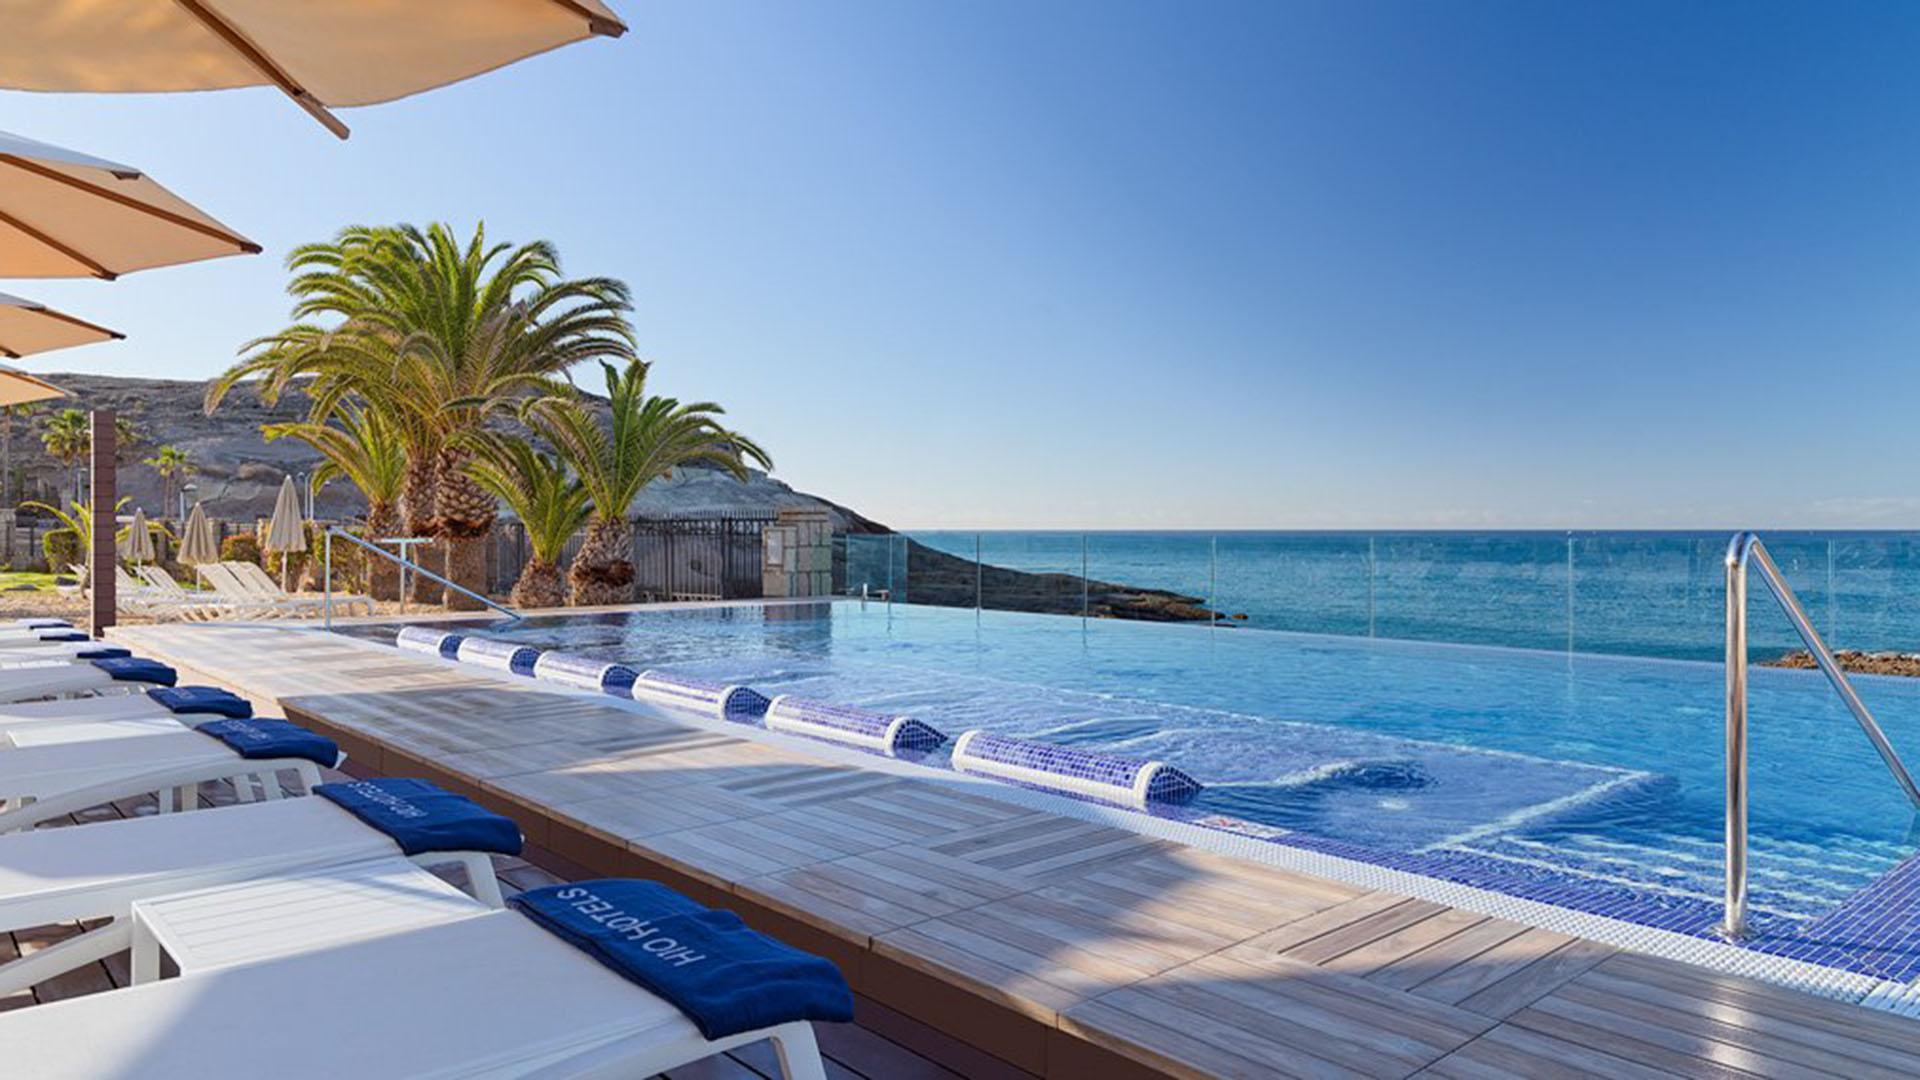 Una de las piletas, junto al mar que baña las cosas del hotel